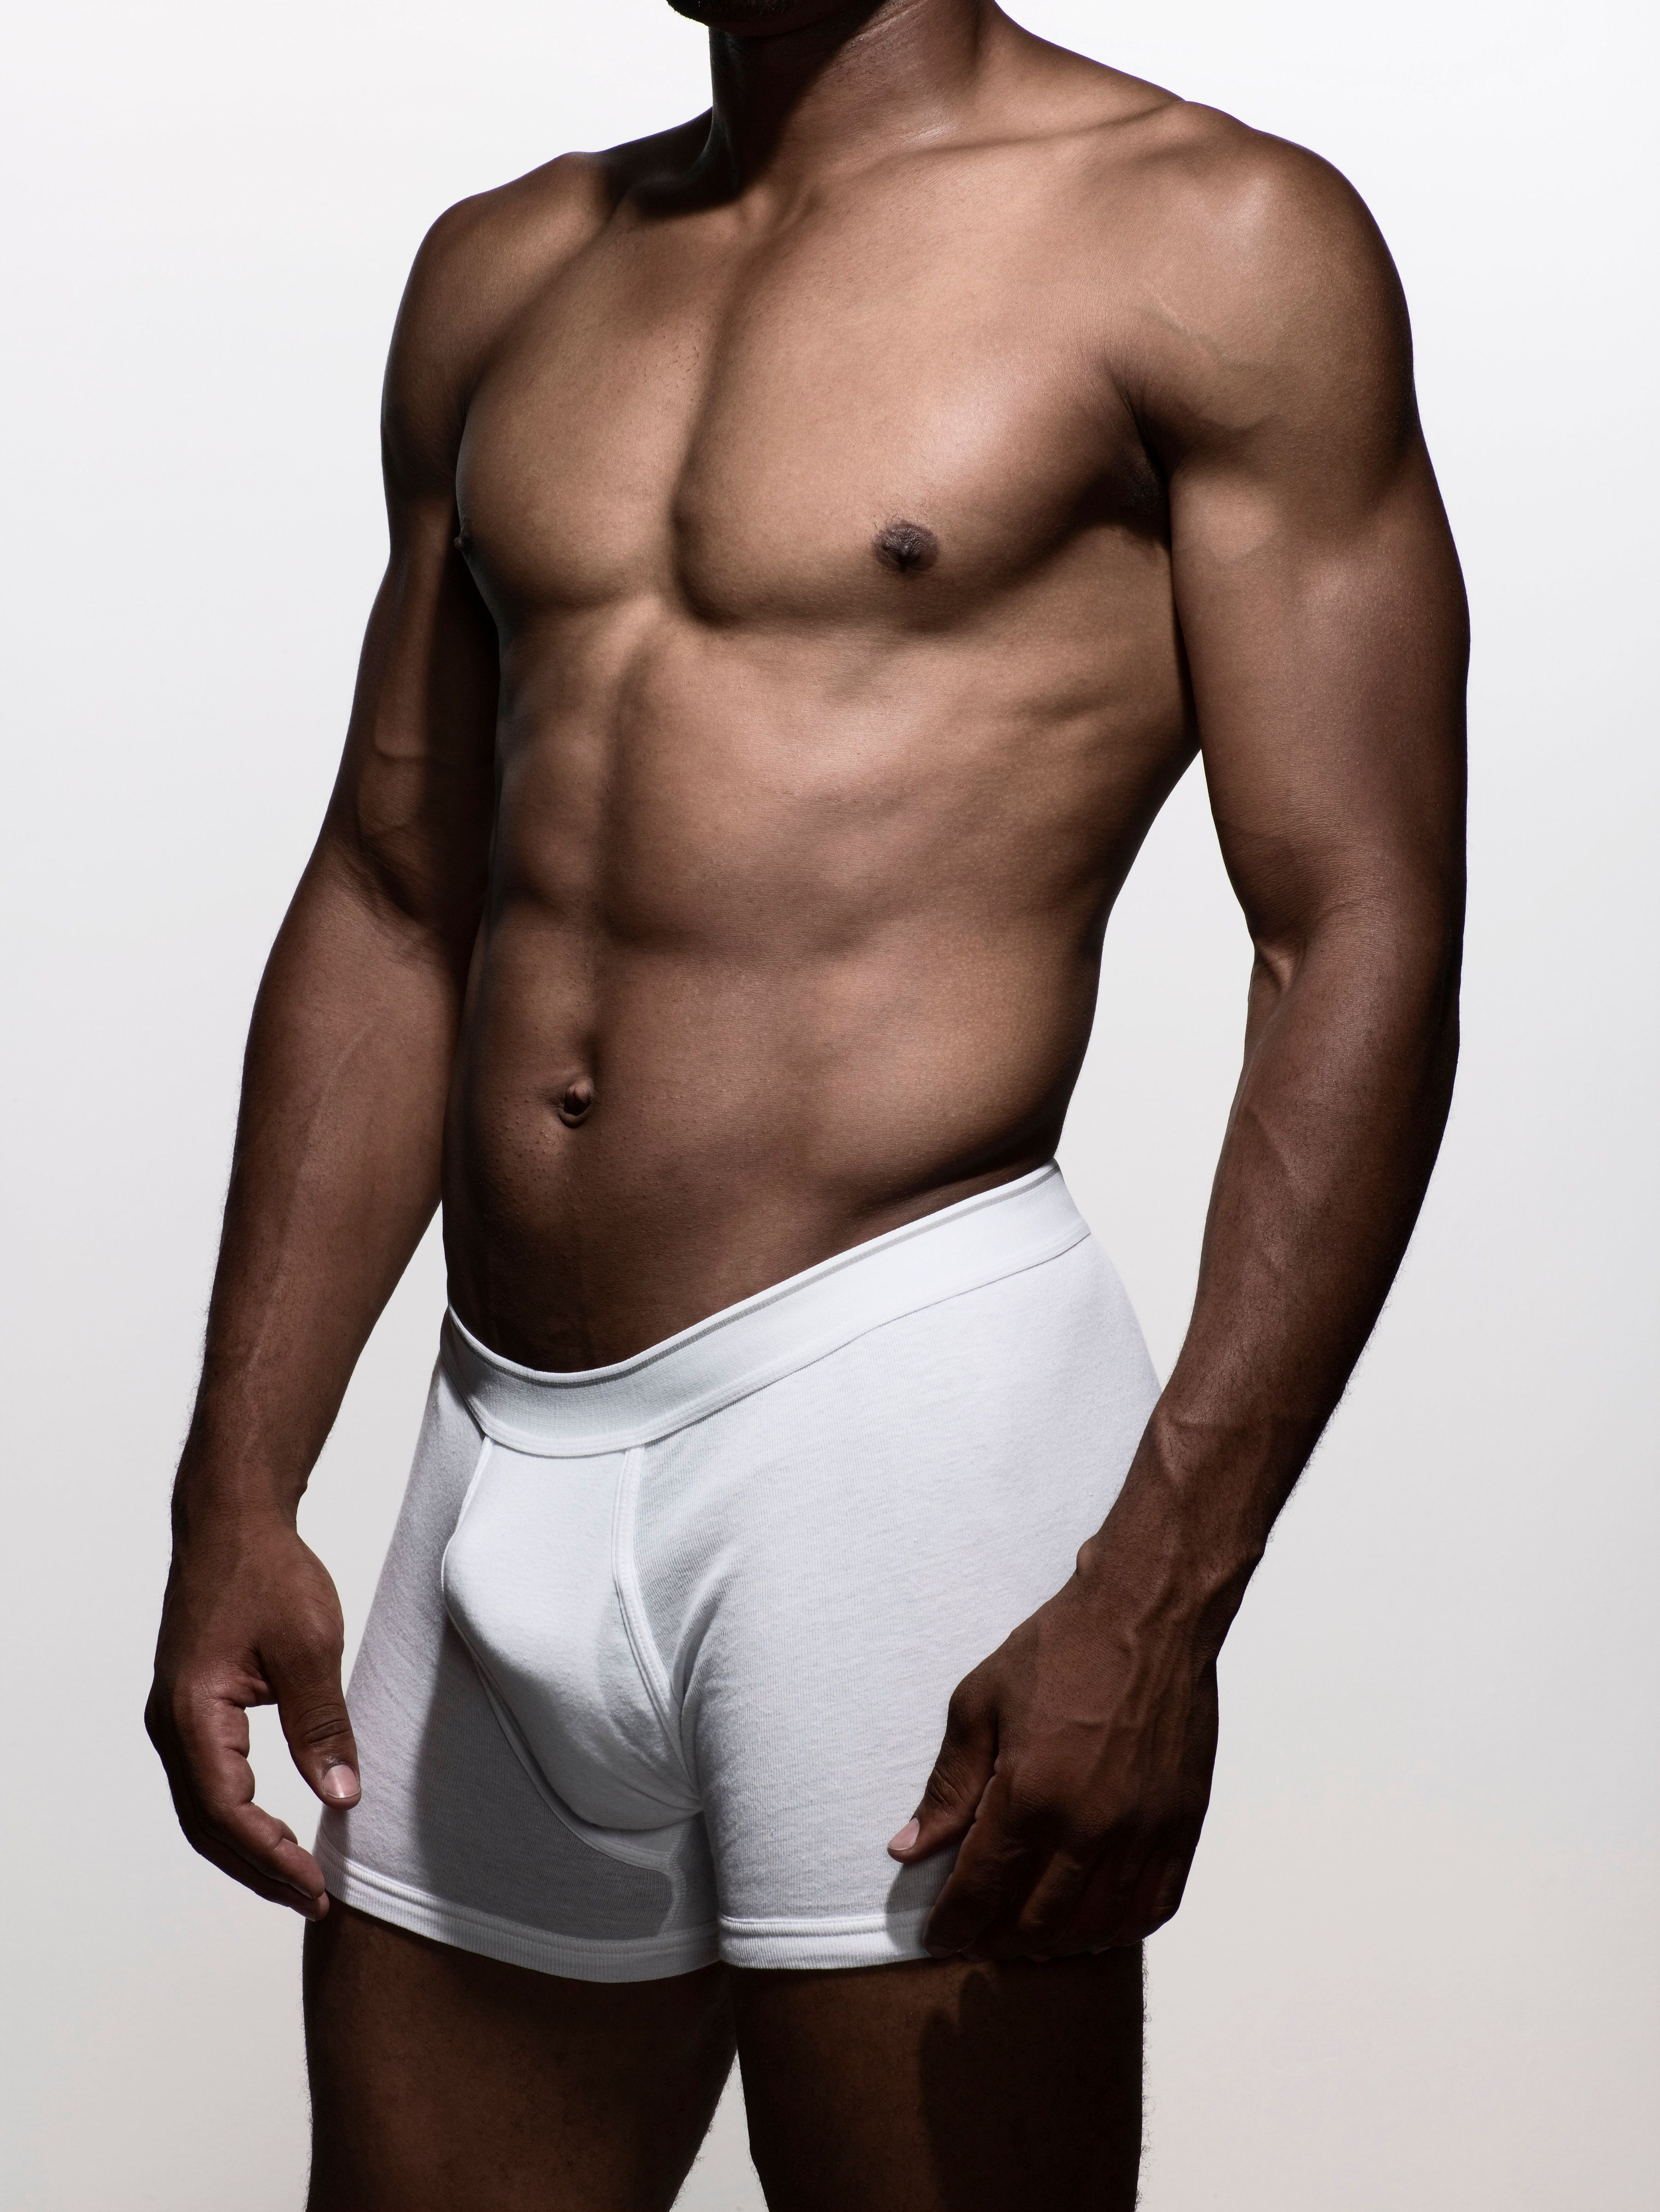 muscular man in boxer-brief underwear